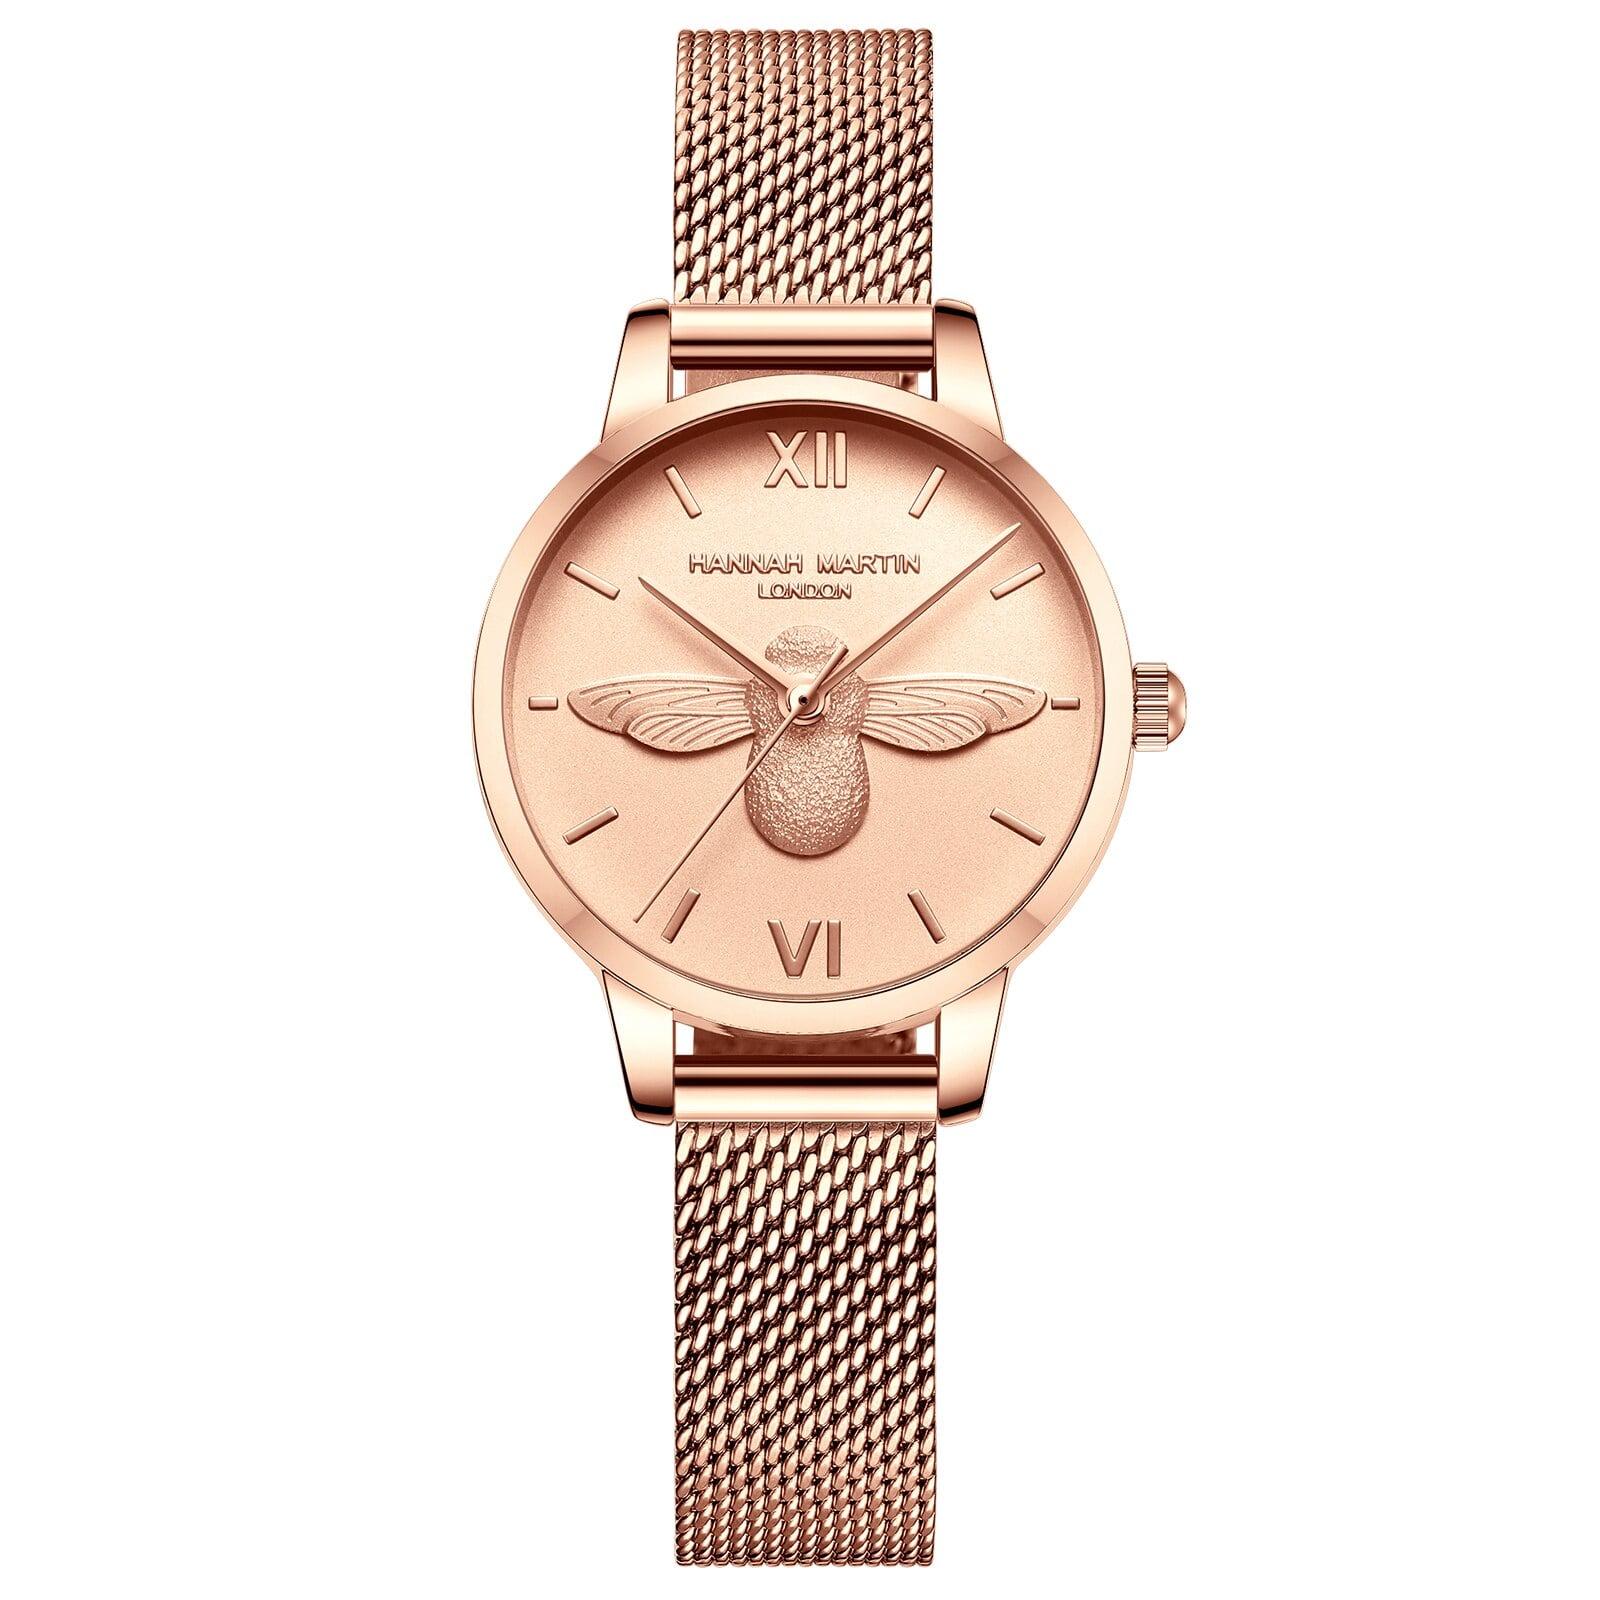 HMステンレススチールメッシュ腕時計トップブランドラグジュアリージャパンクォーツムーブメントローズゴールドデザイナーエレガントなスタイルの時計女性用HM-112F